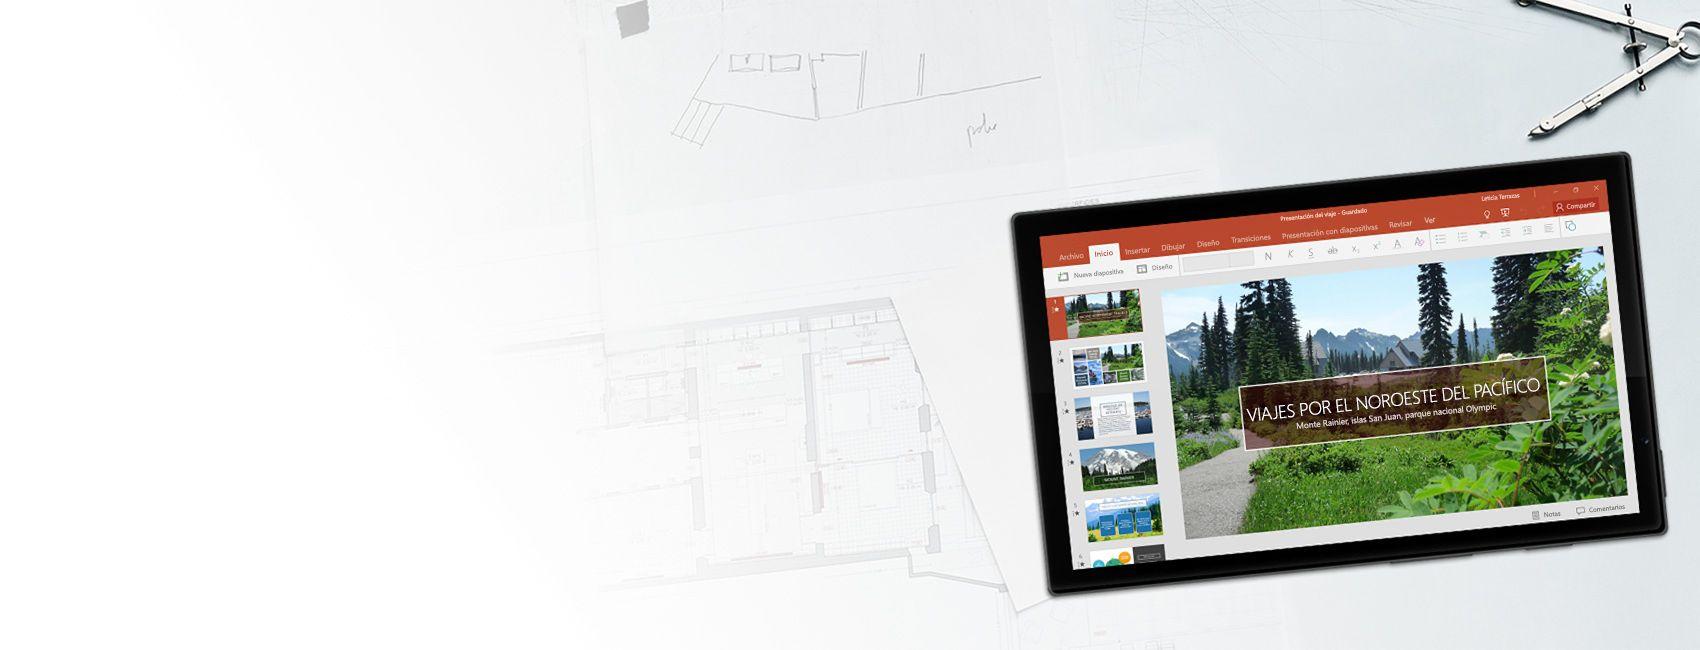 Tableta Windows en la que se muestra una presentación de PowerPoint sobre Pacific Northwest Travels en PowerPoint para Windows 10 Mobile